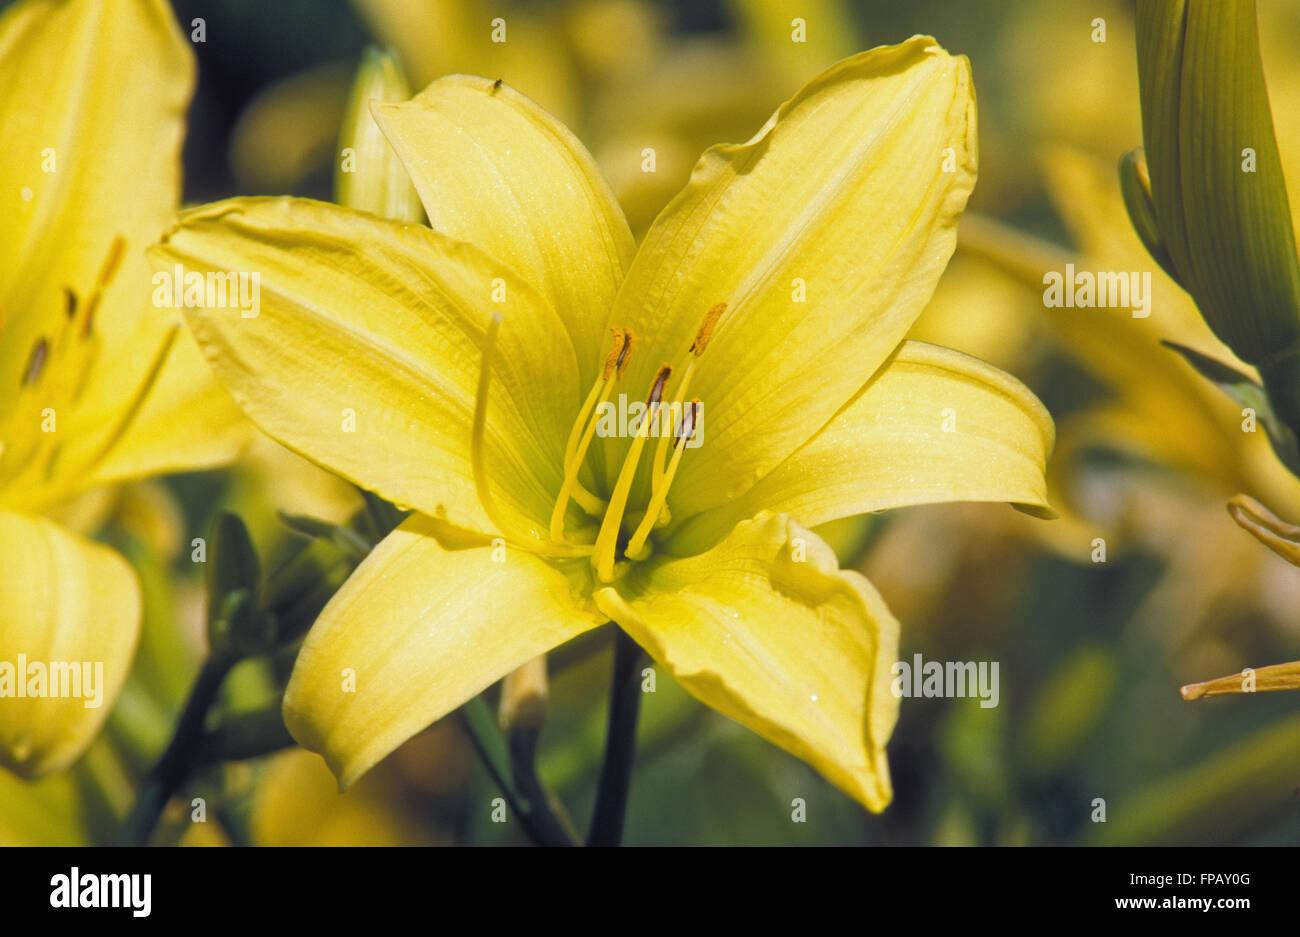 Day lilies (Hemerocallis) - Stock Image